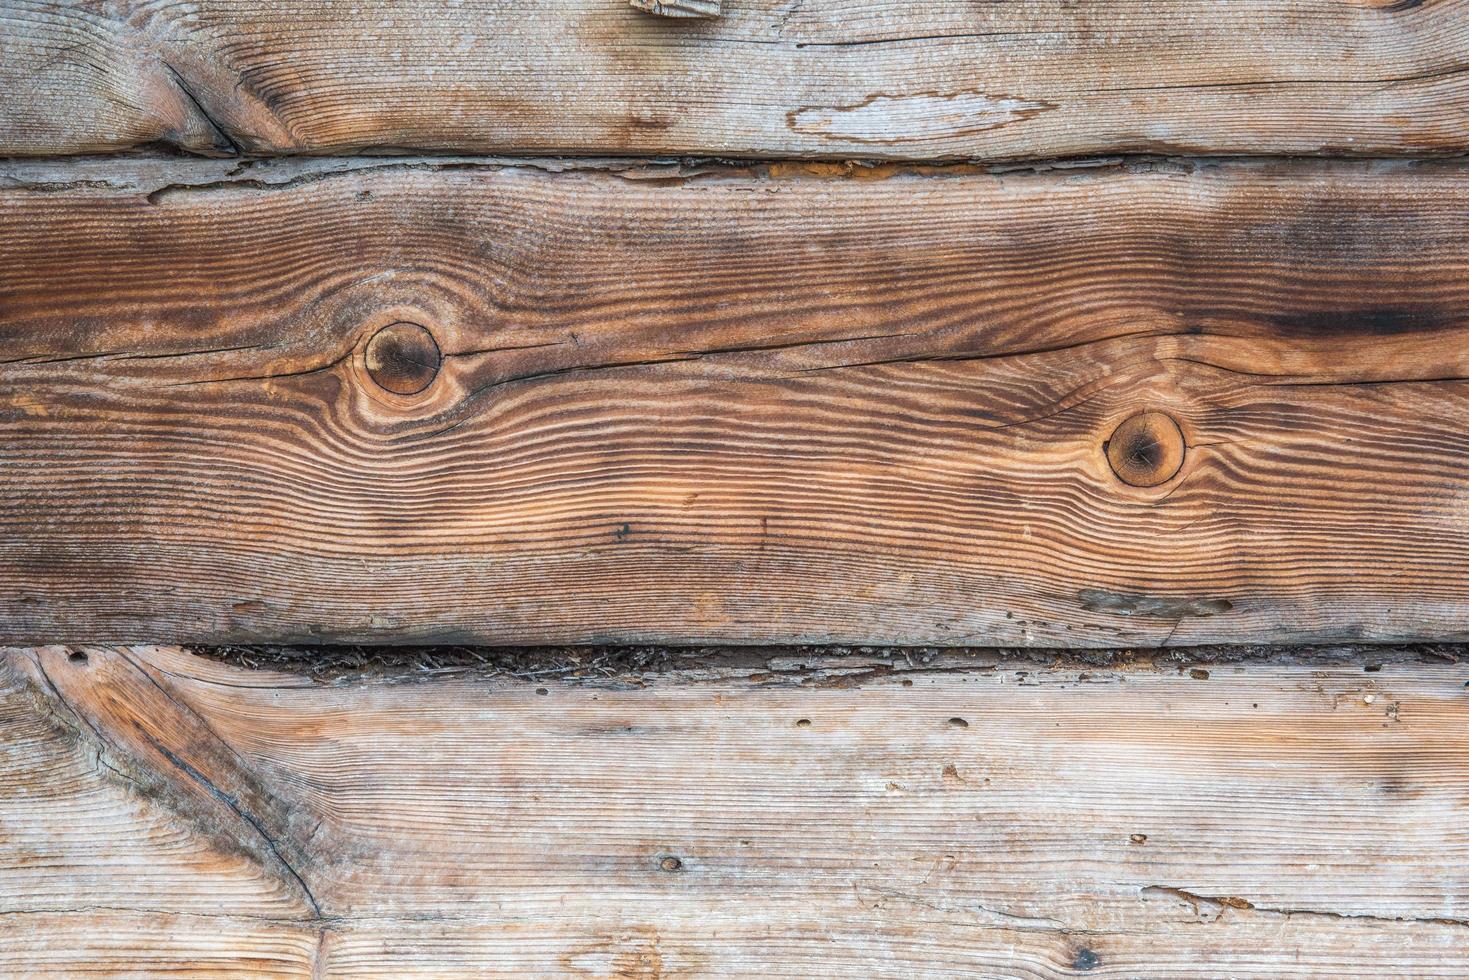 Worn wooden background photo